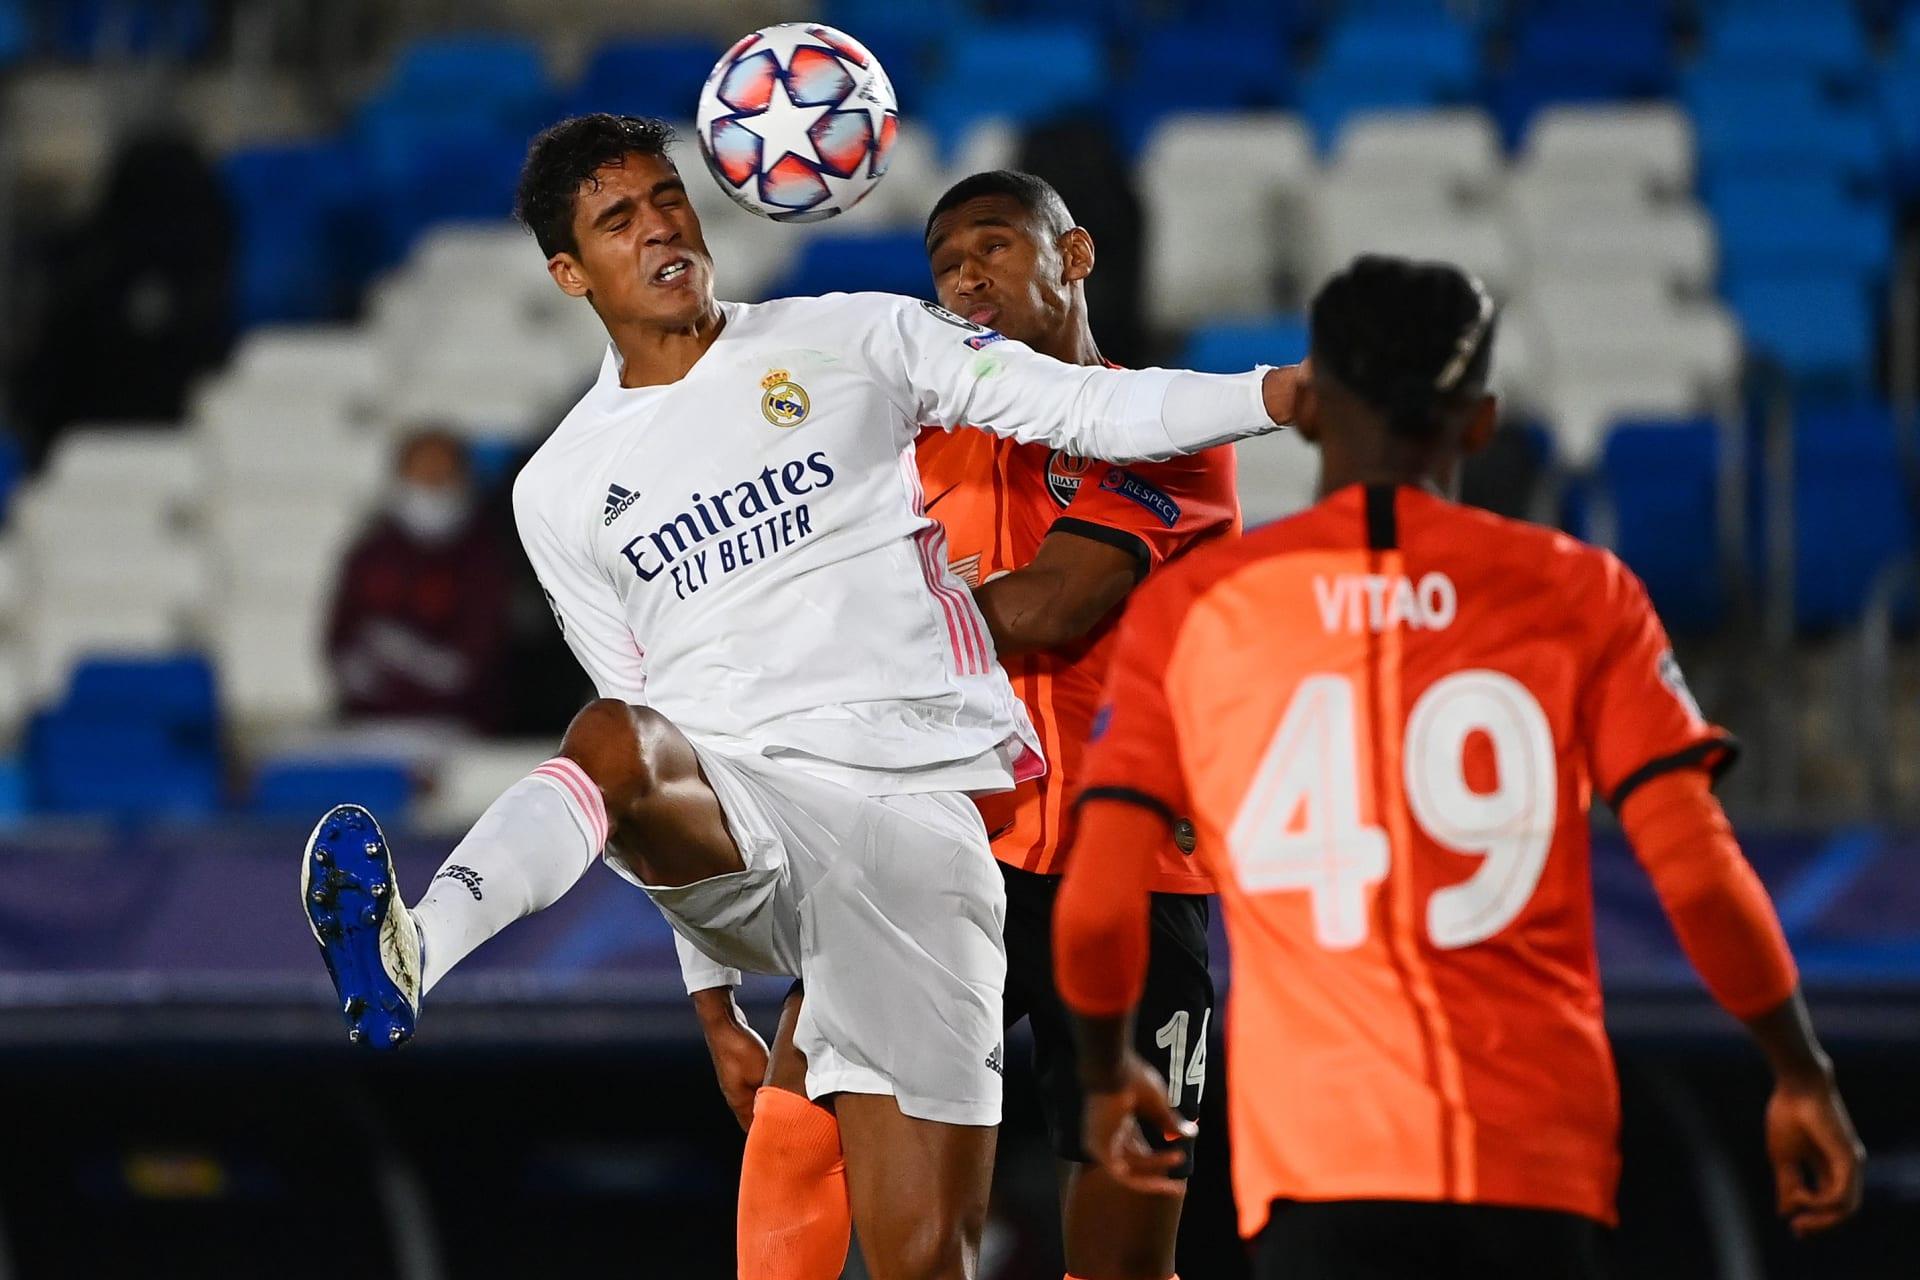 بعد غياب راموس.. فاران يوجه ضربة جديدة لريال مدريد قبل مواجهة ليفربول